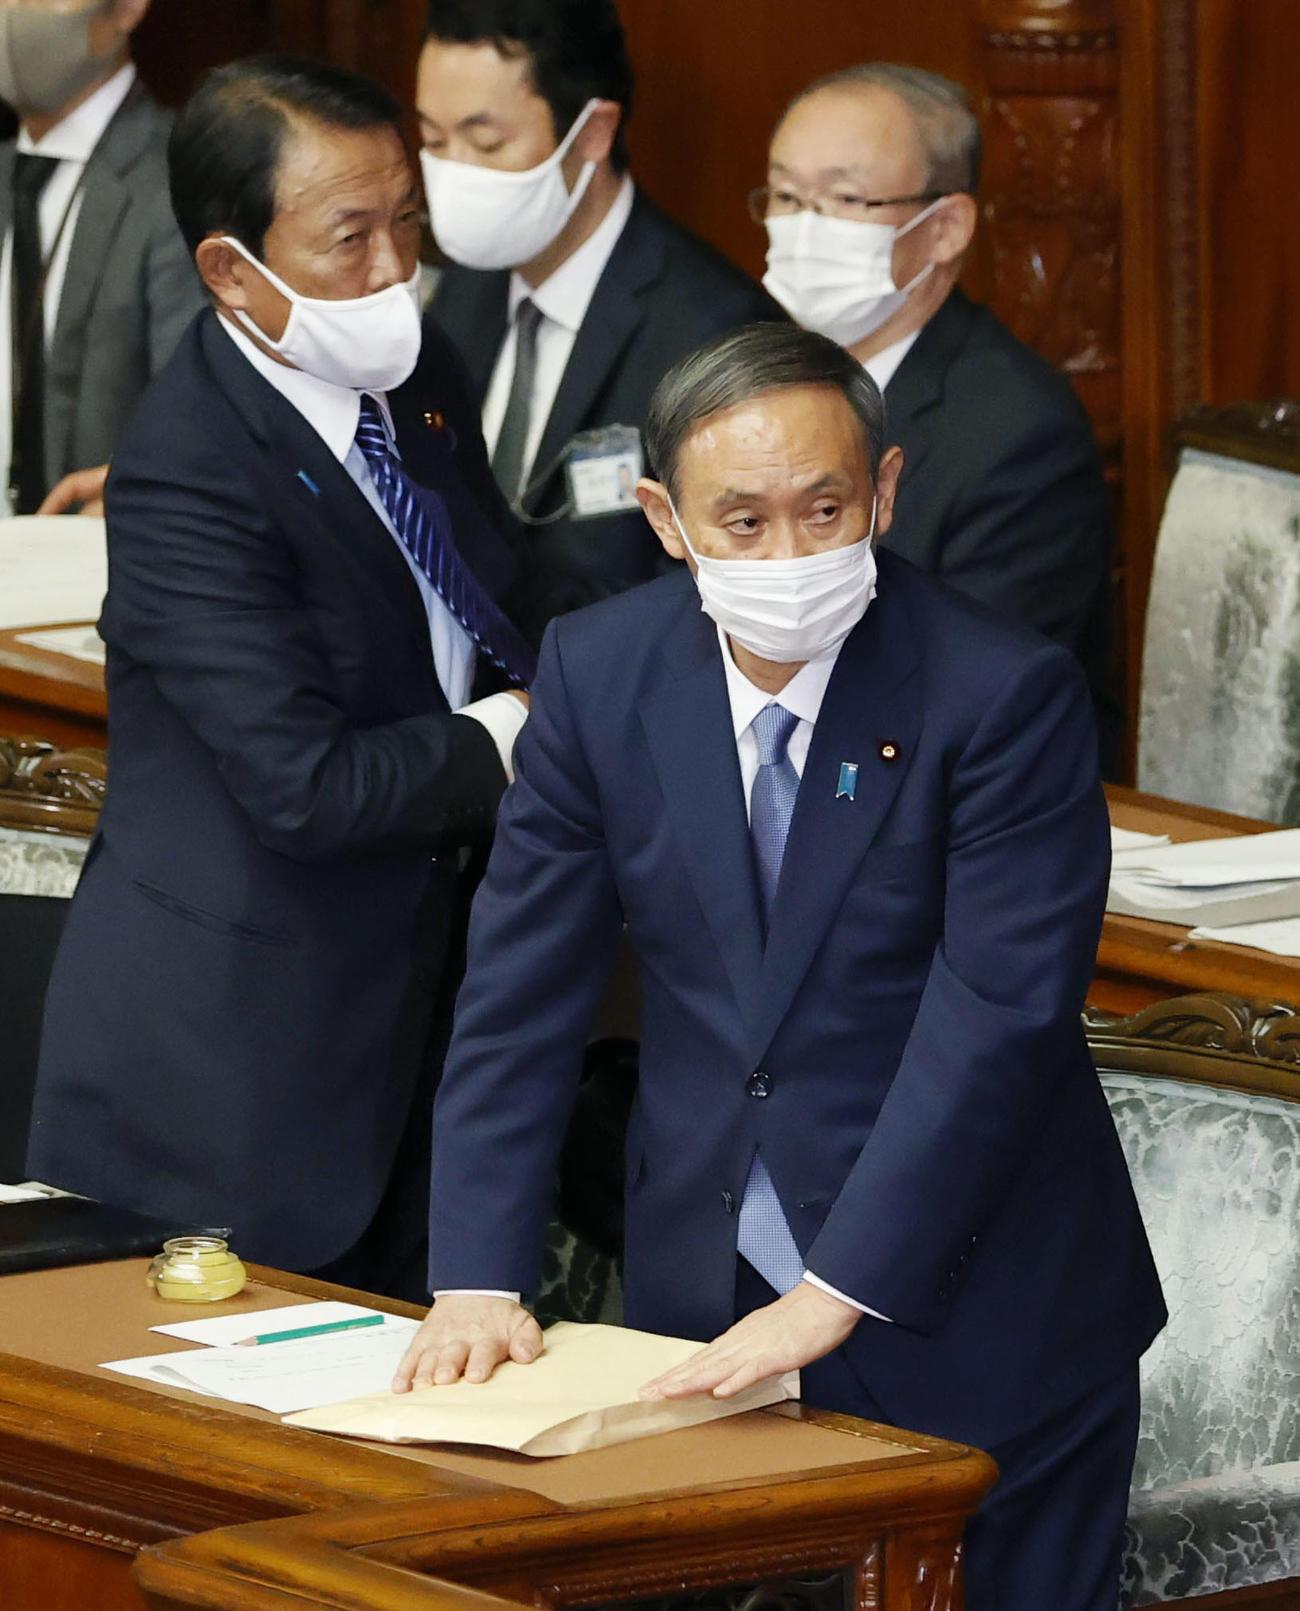 第203臨時国会で所信表明演説を終えた菅首相。左は麻生財務相(共同)